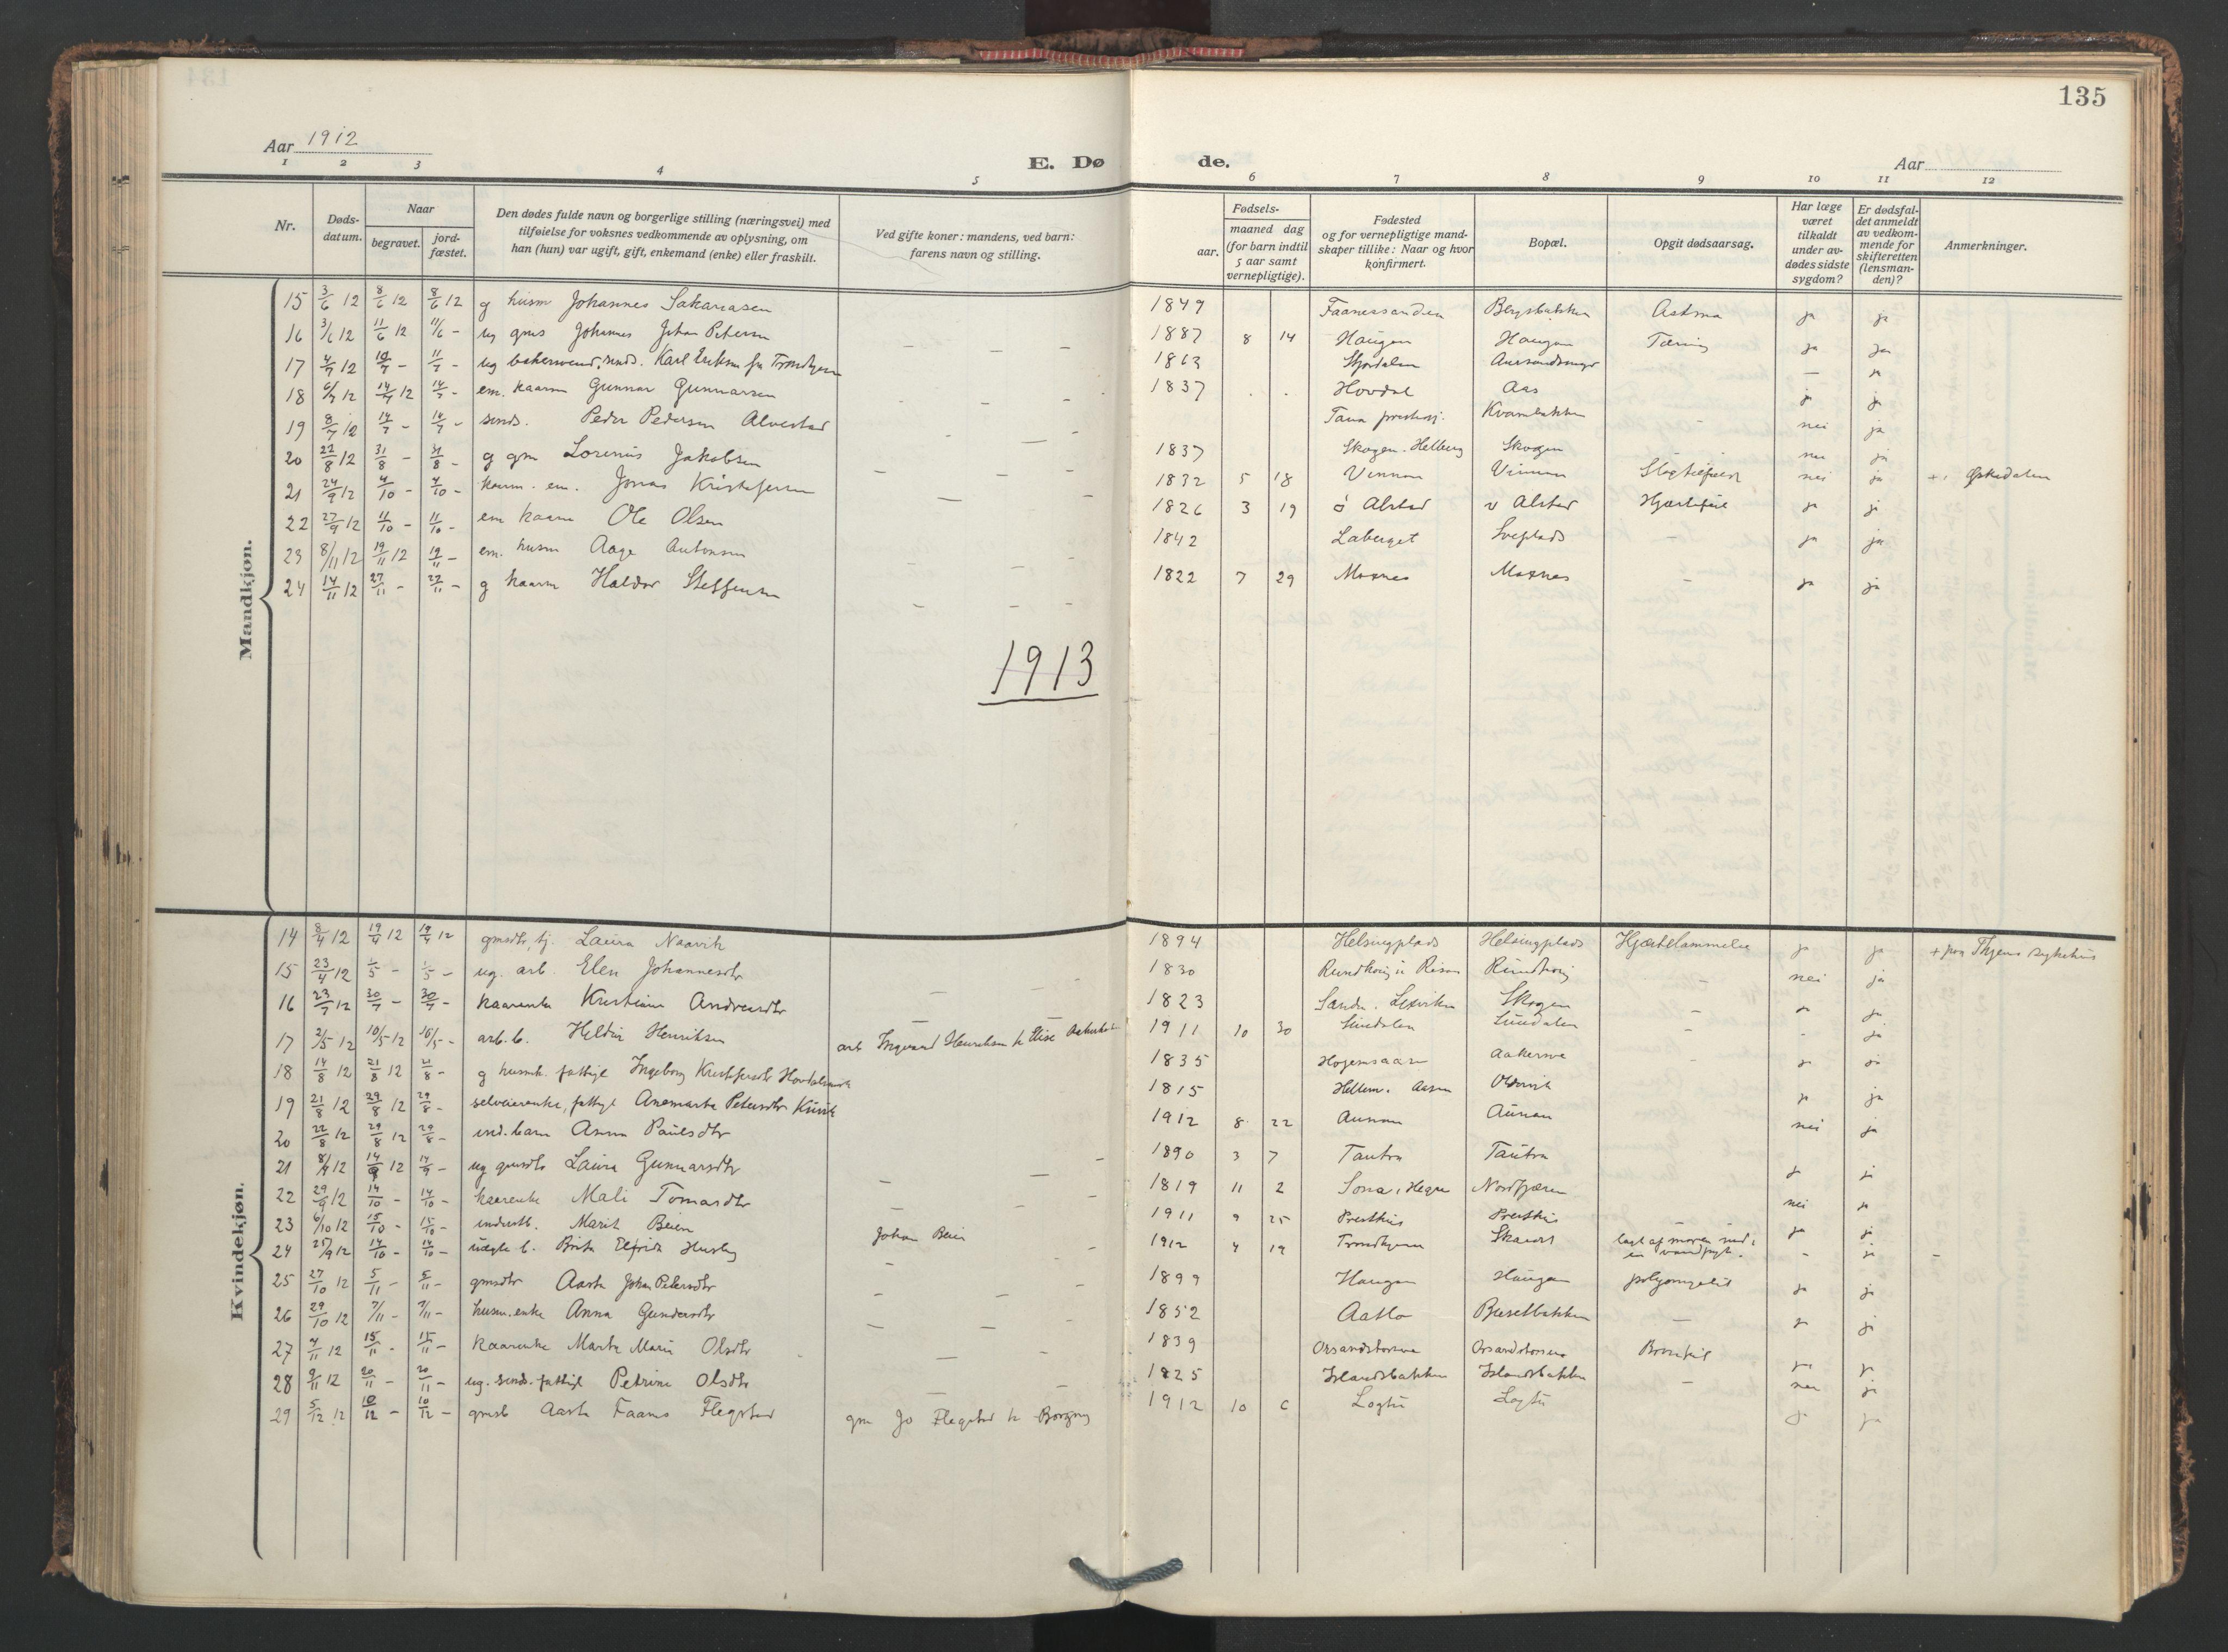 SAT, Ministerialprotokoller, klokkerbøker og fødselsregistre - Nord-Trøndelag, 713/L0123: Ministerialbok nr. 713A12, 1911-1925, s. 135